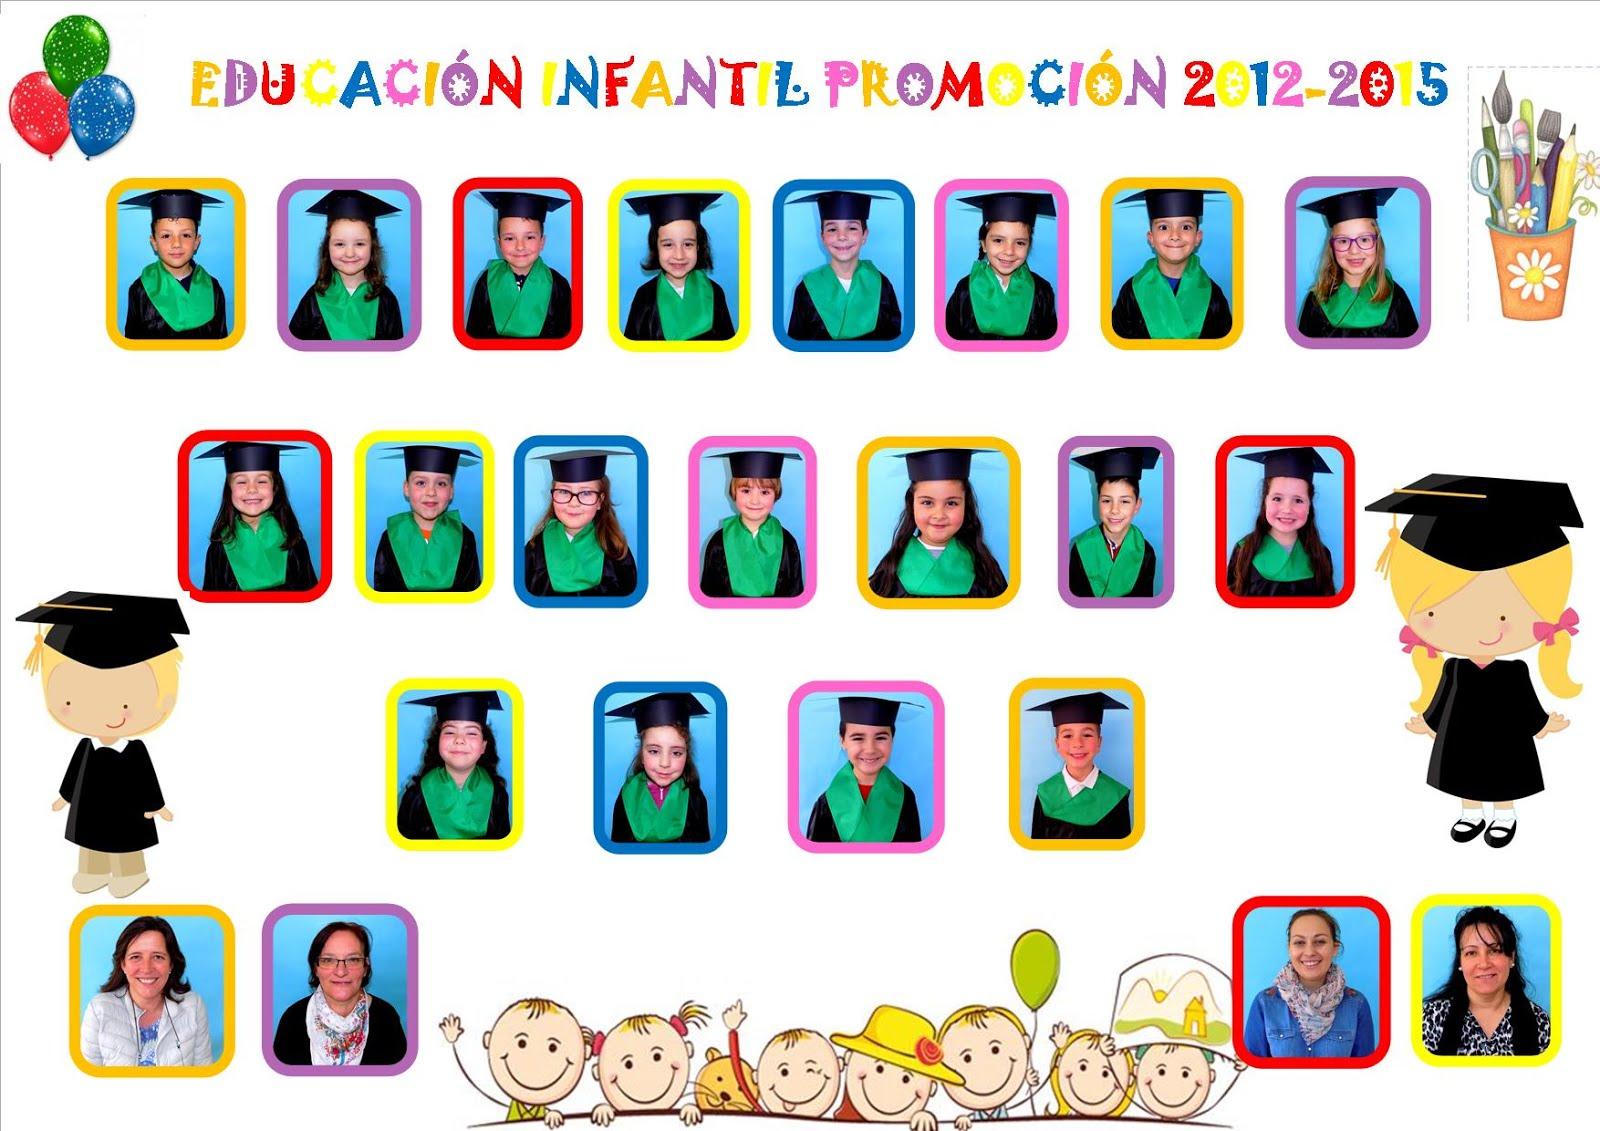 Cursos 2013/14 e 2014/15